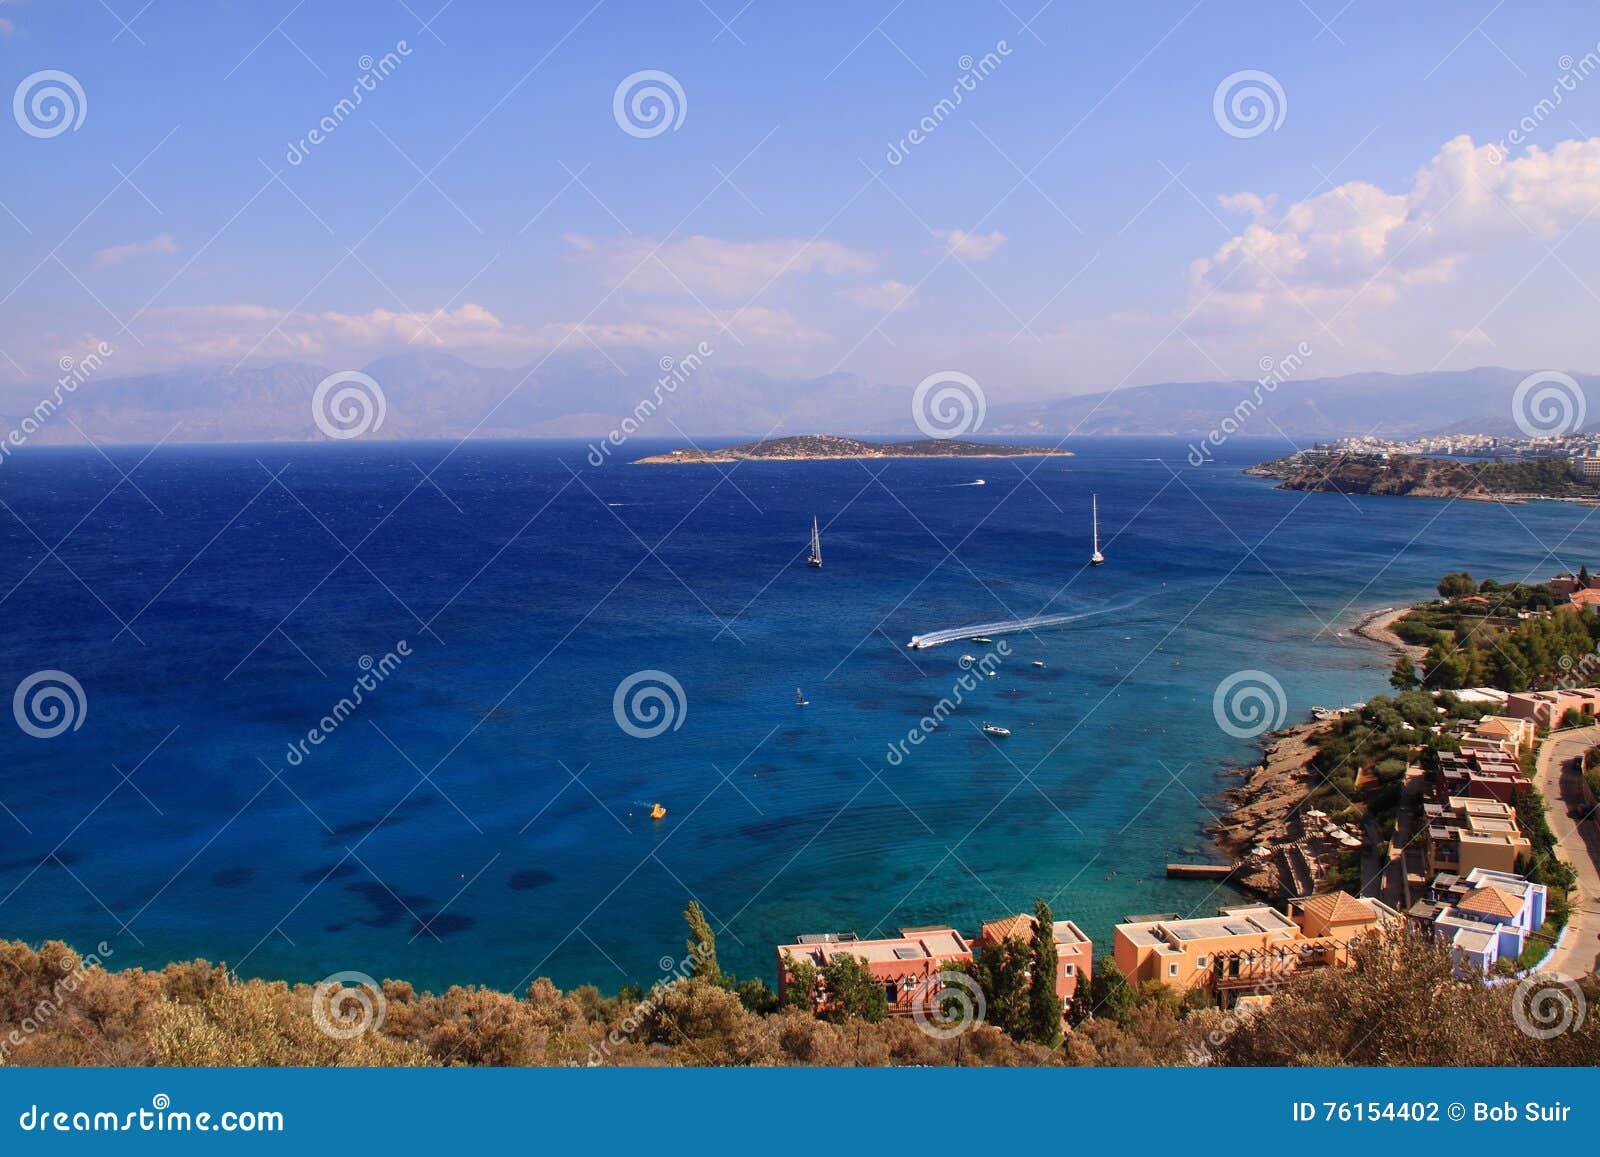 Seascape view village Agios Nikolaos